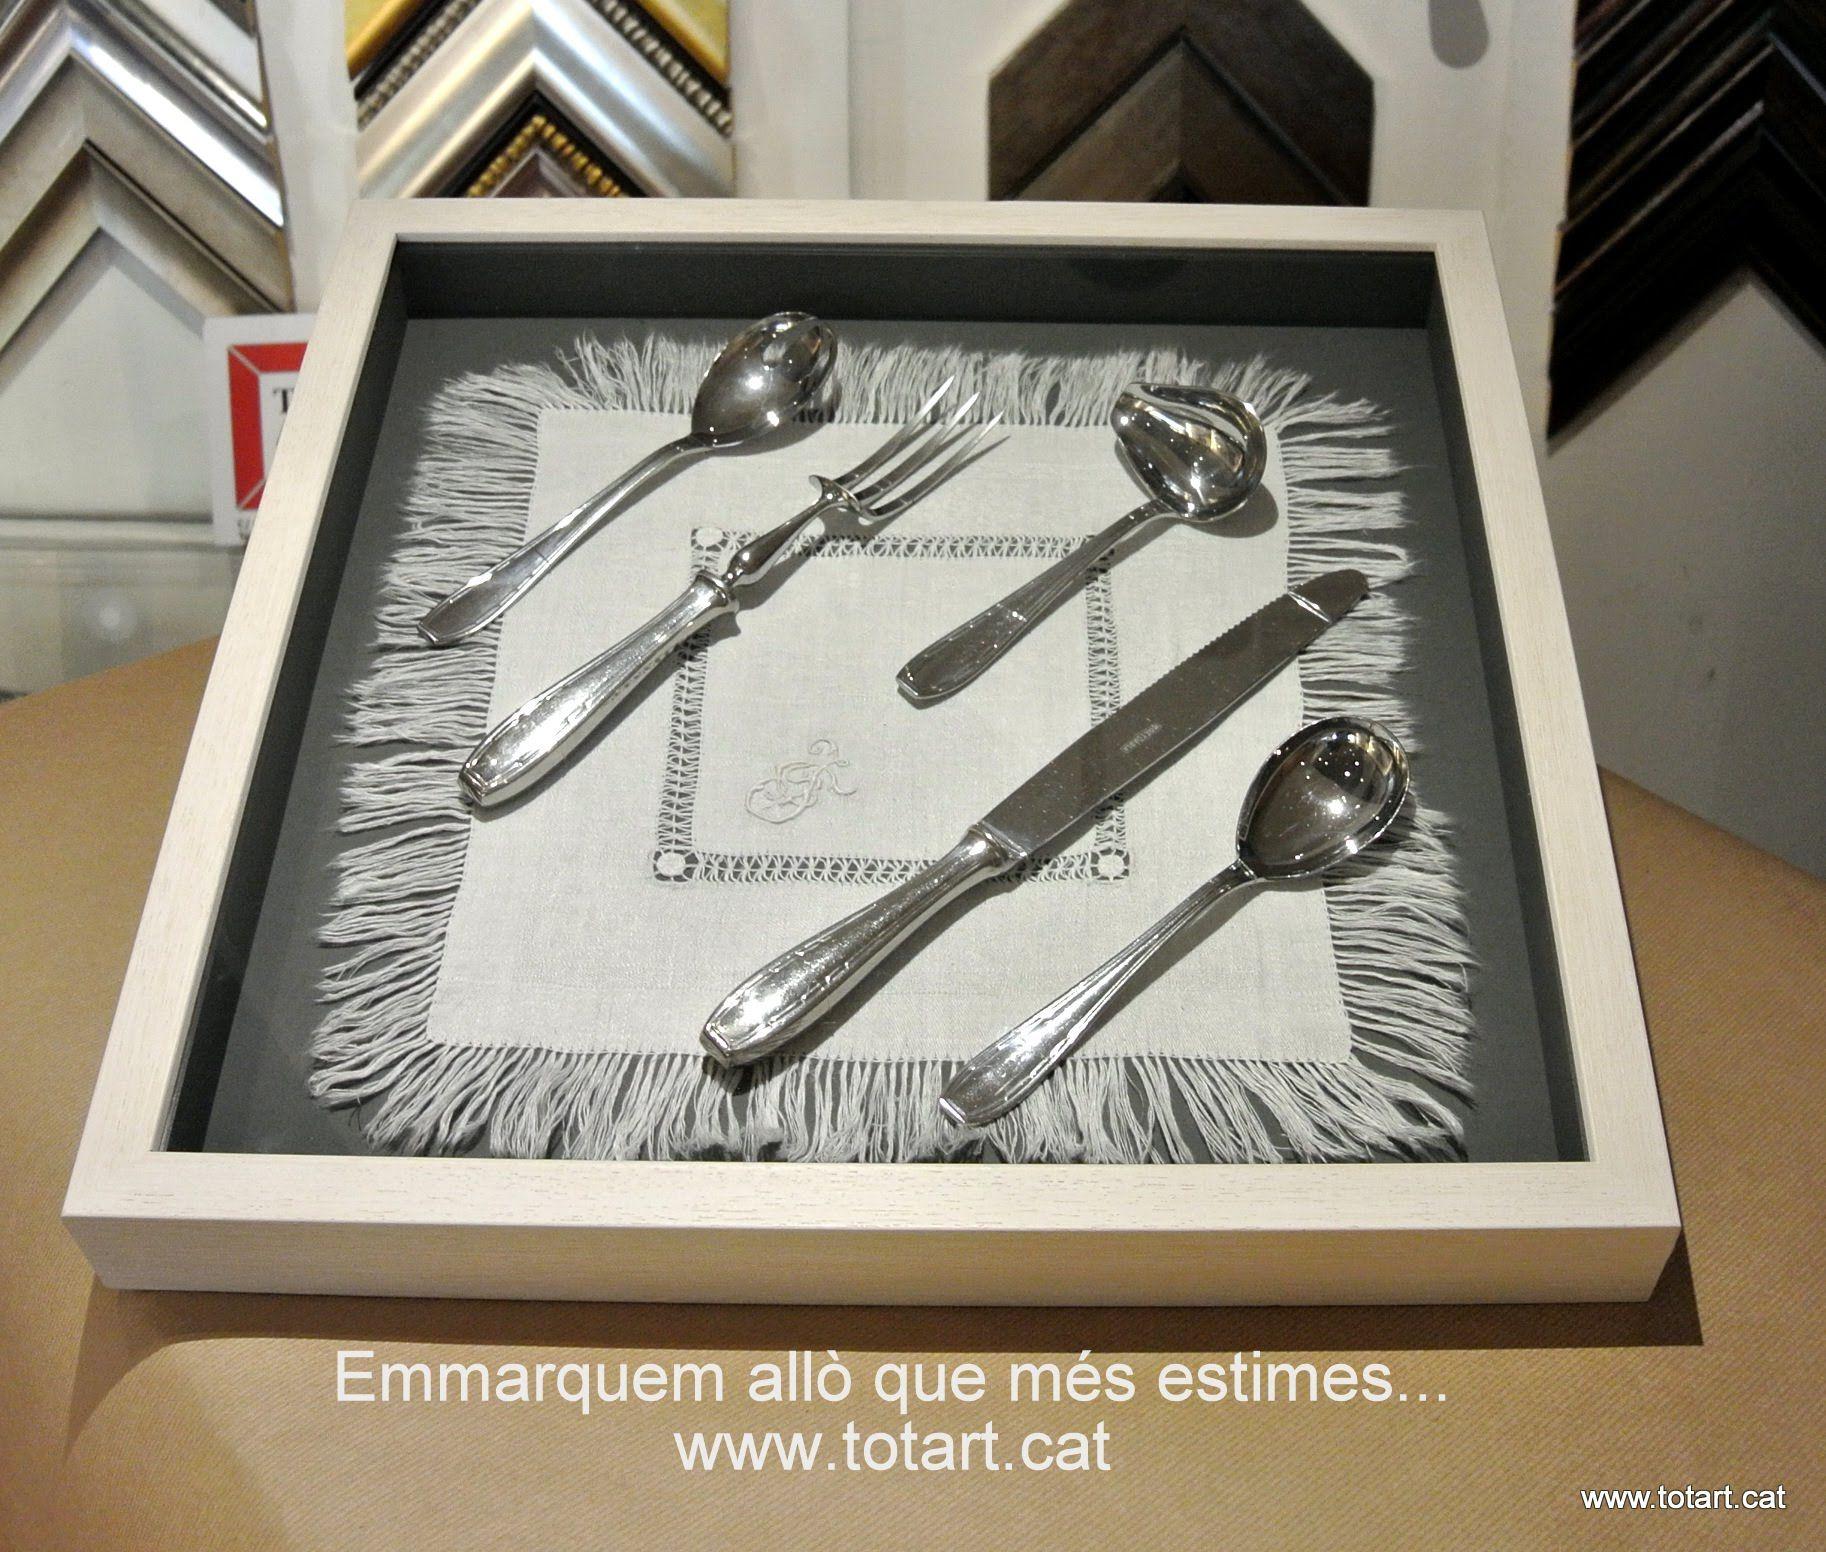 Enmarcar cuadros en totart sants 3 barcelona nuevo - Cuadros para enmarcar ...